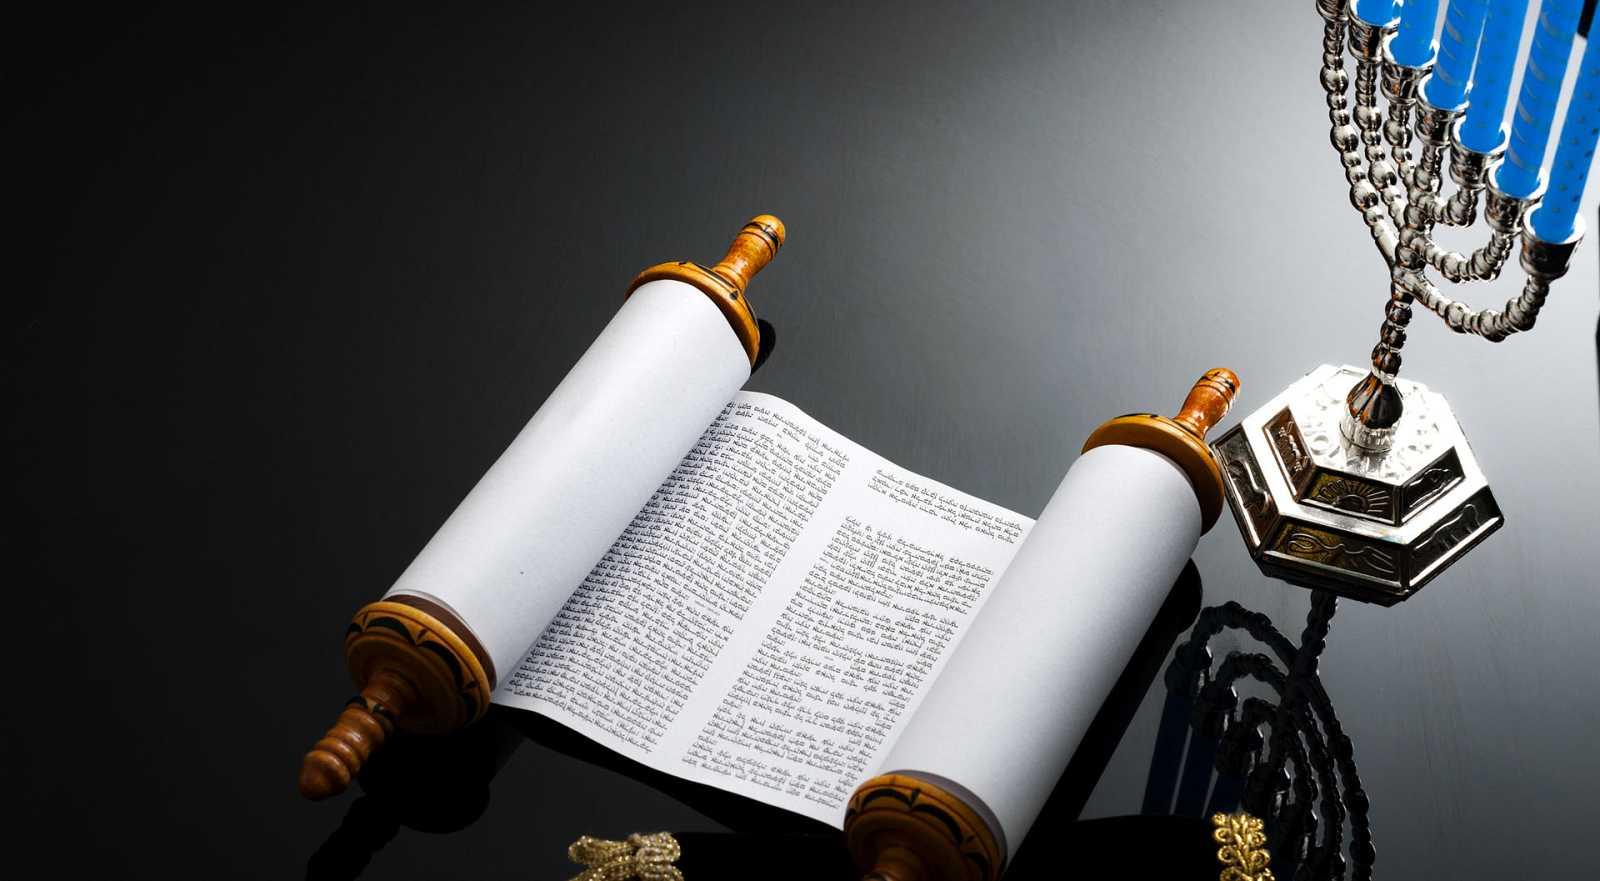 Emisión en sefardí - Shabuot: la Fiesta de la entrega de la Toráh - 16/05/21 - escuchar ahora